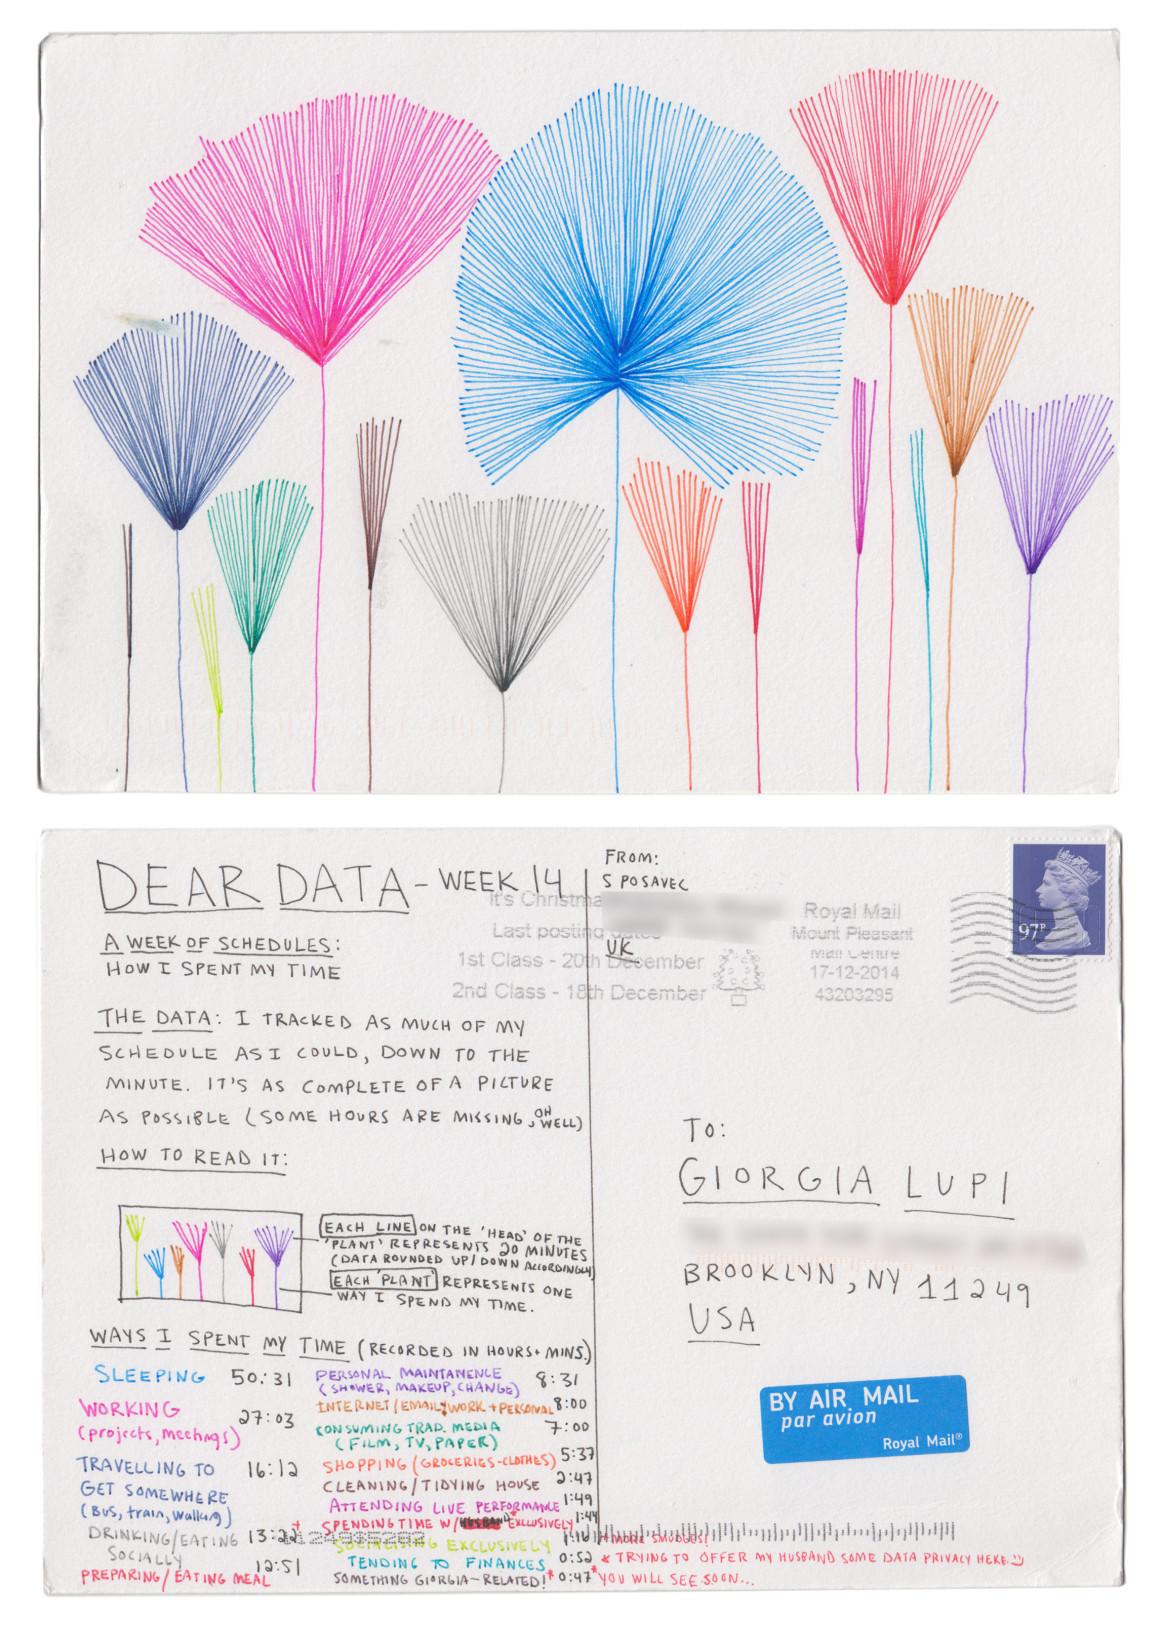 Dear Data postcard